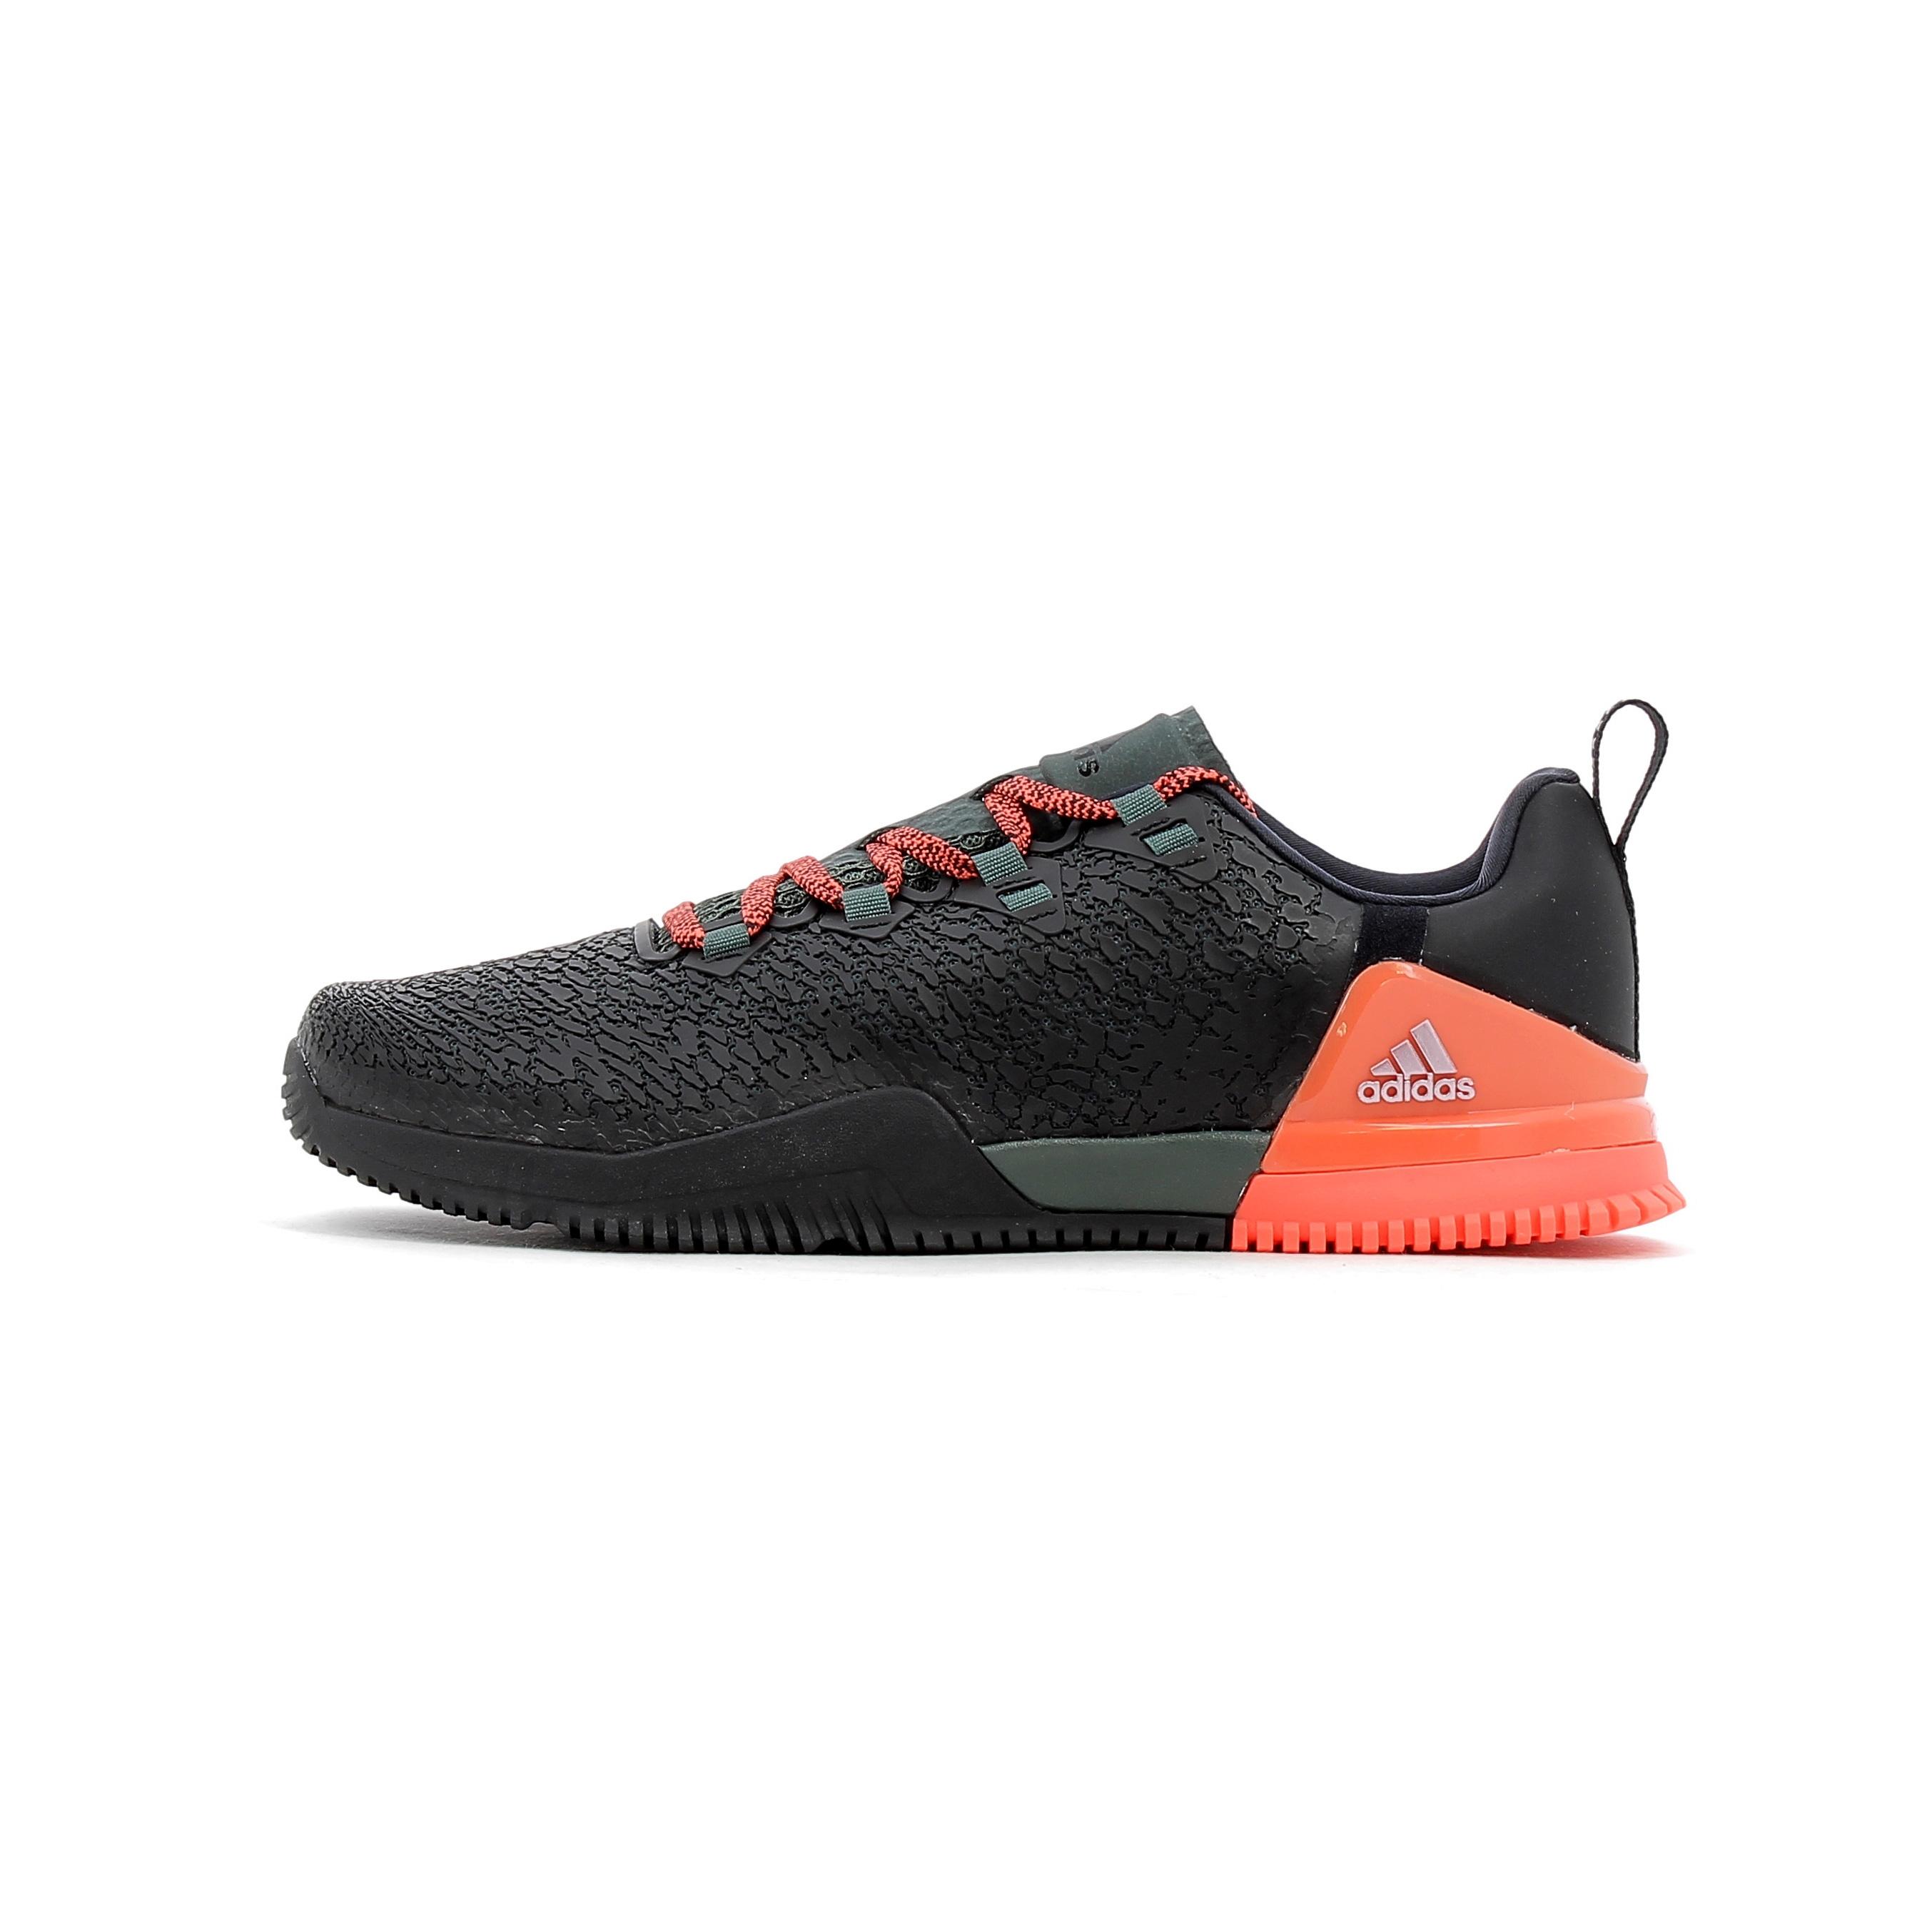 new style 88f7e 08078 Chaussures de Cross Training Femme adidas running CrazyPower TR W Noir